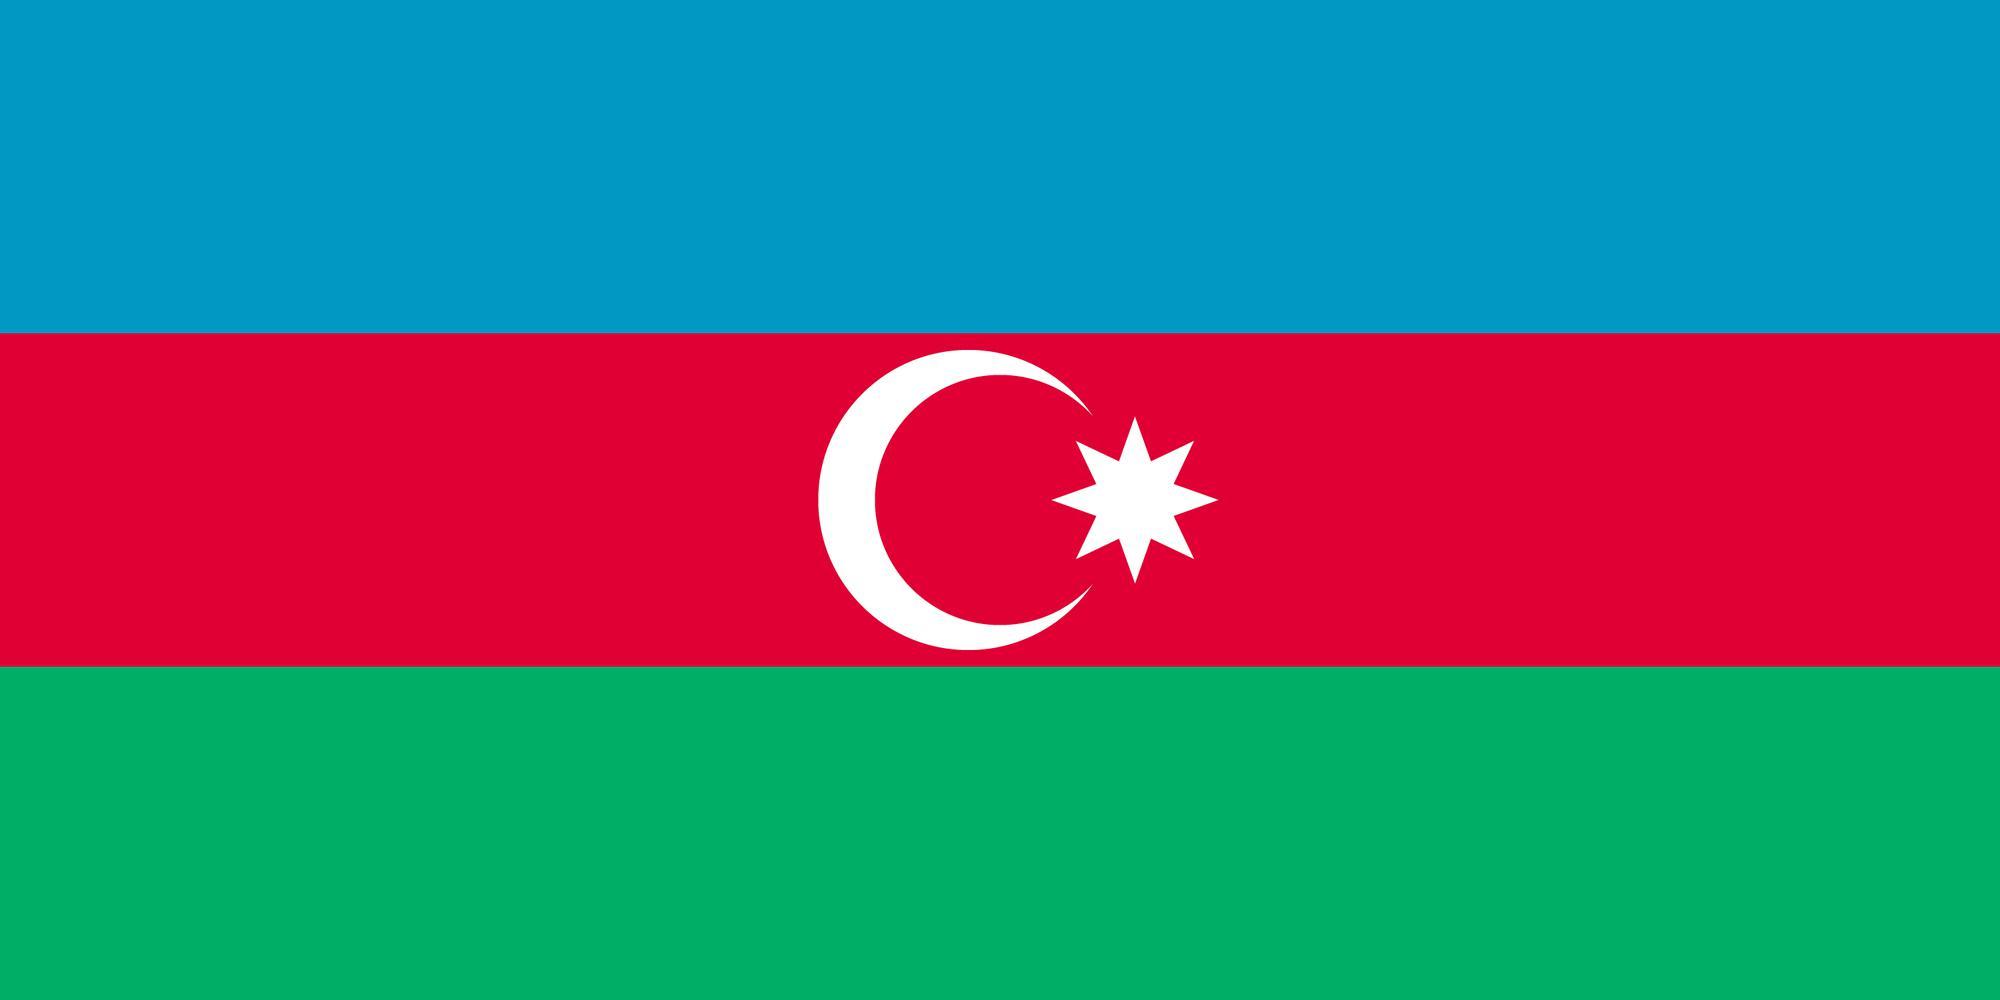 پرچم کشور آذربایجان